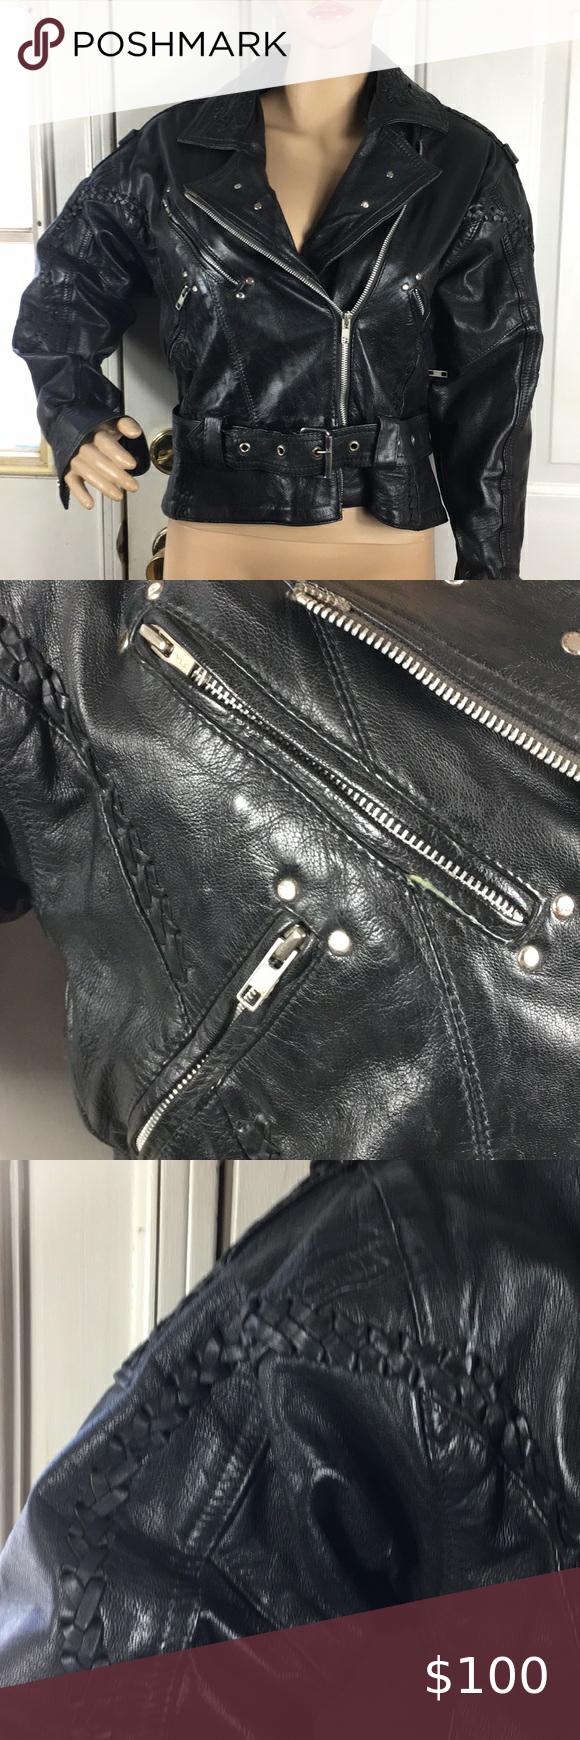 Harley Davidson Leather Jacket Harley davidson leather